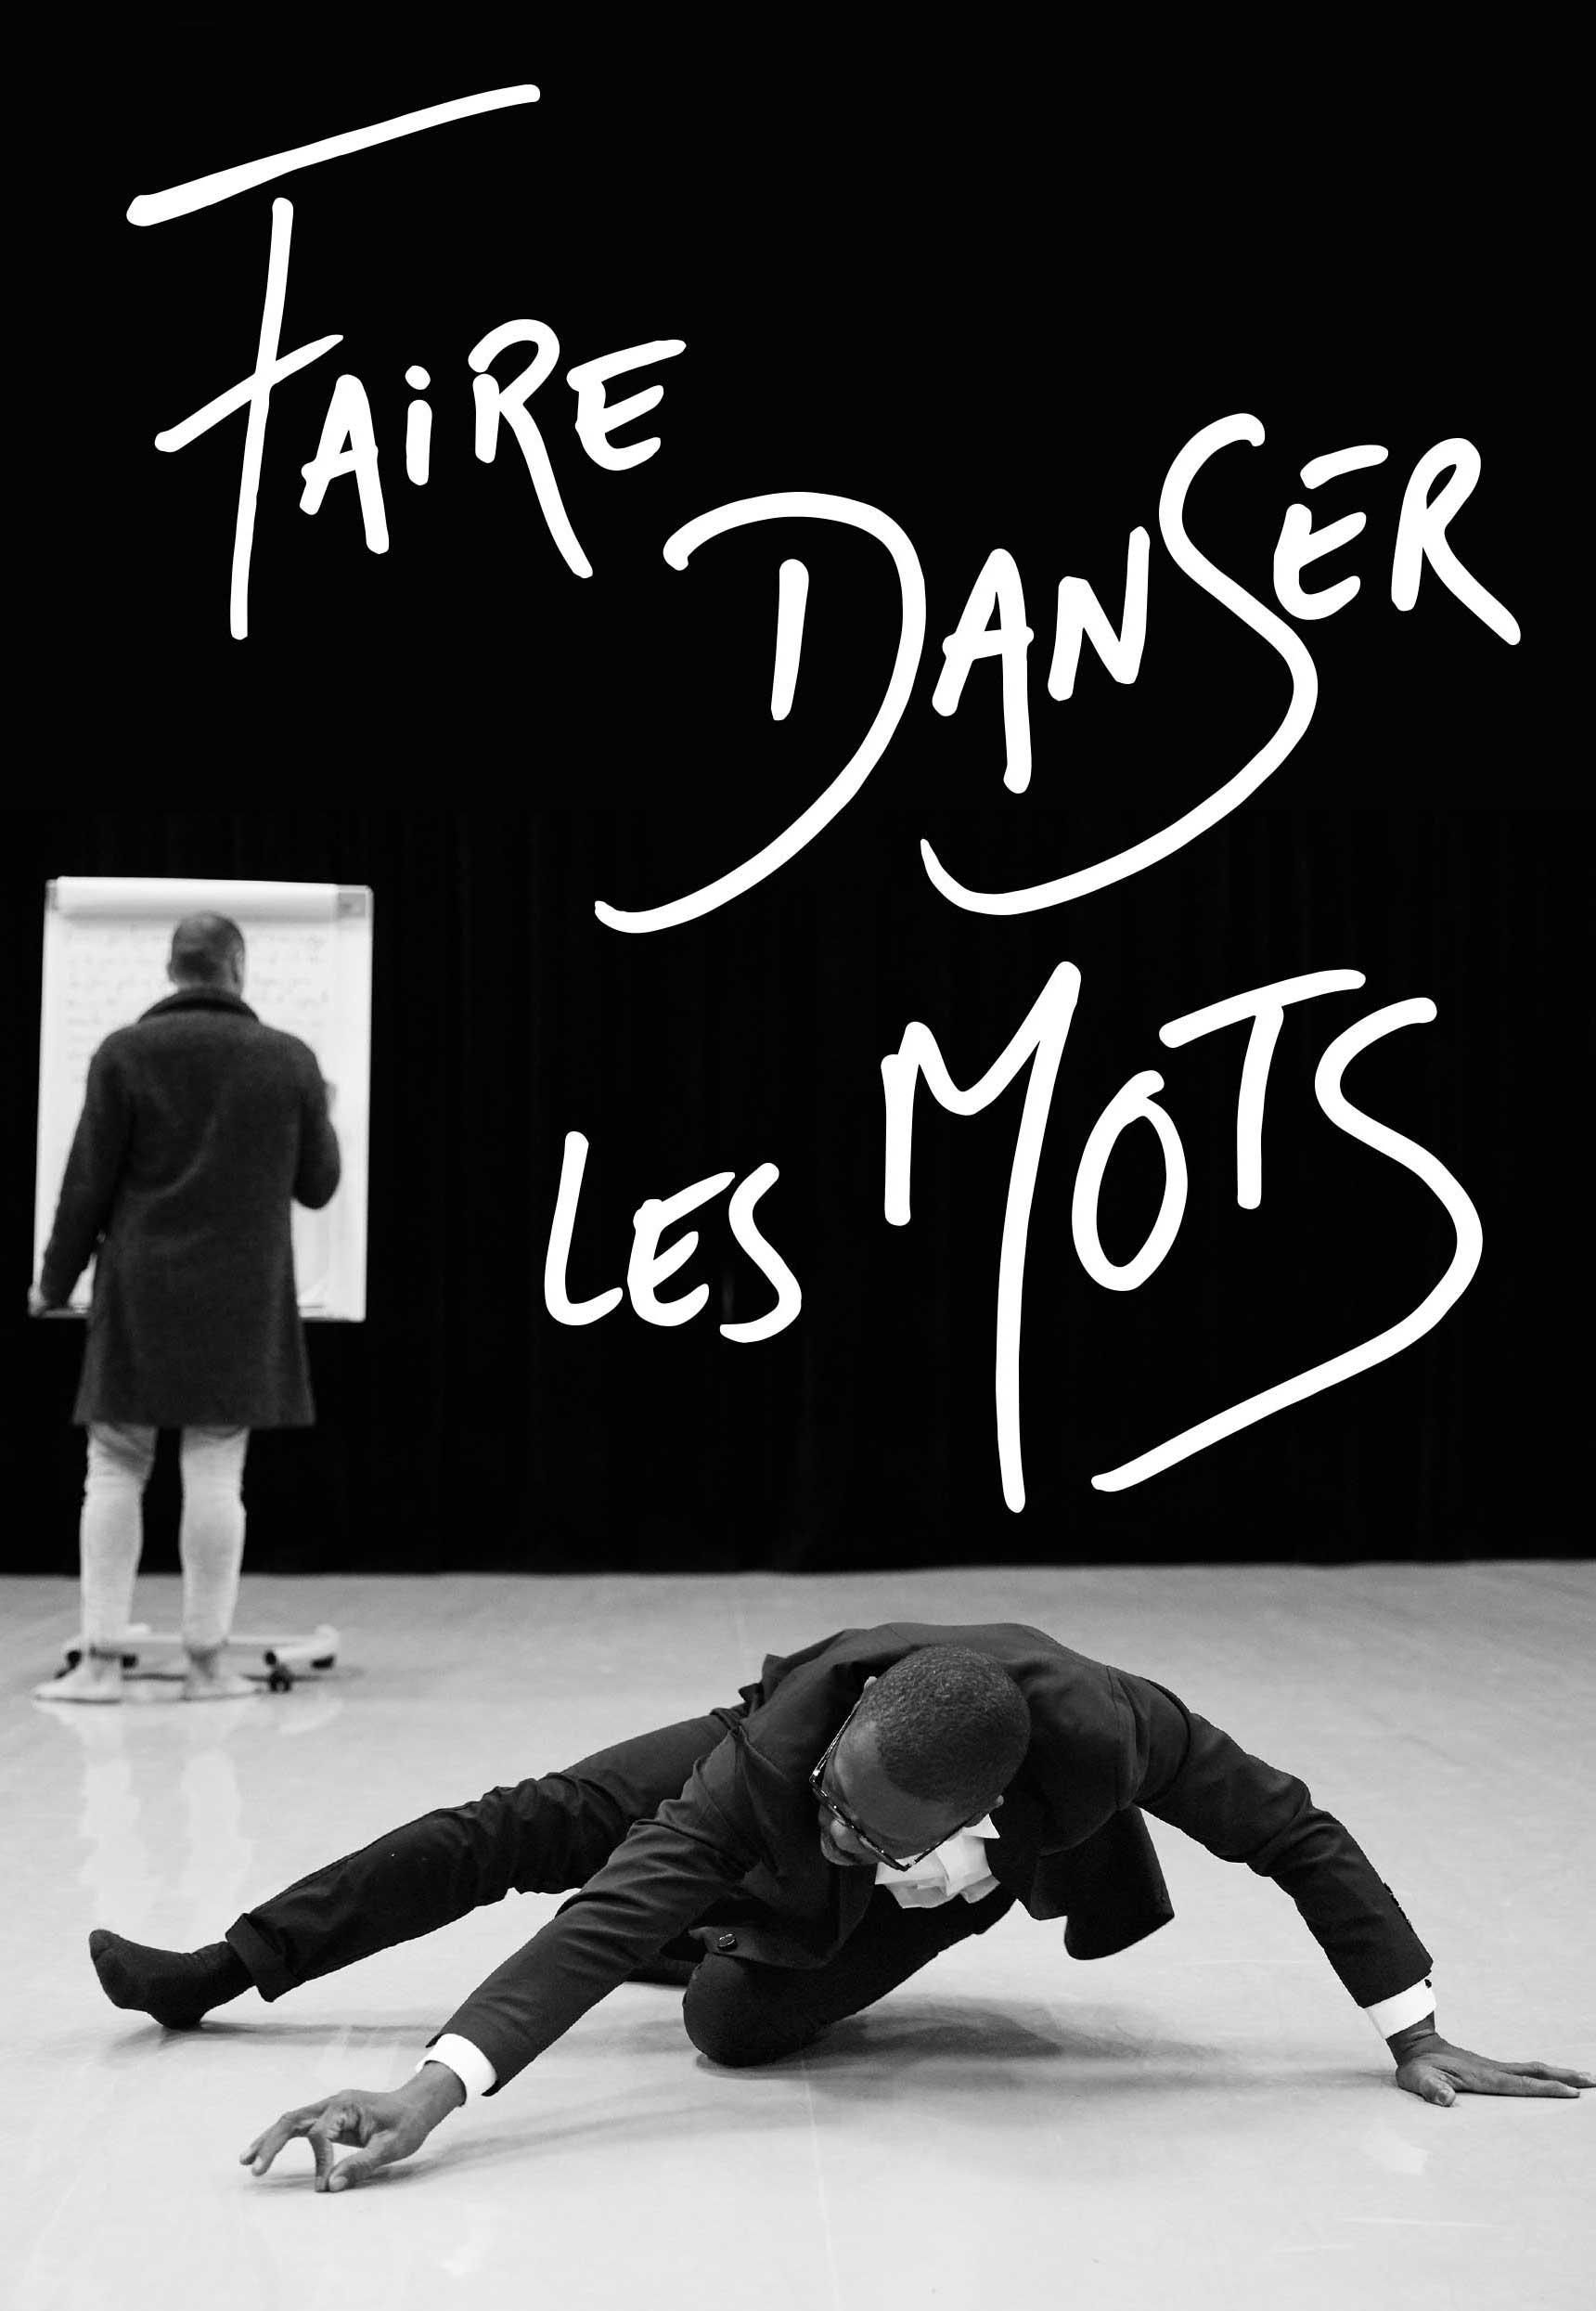 Pub_Faire_Danser_Les_Mots.jpg